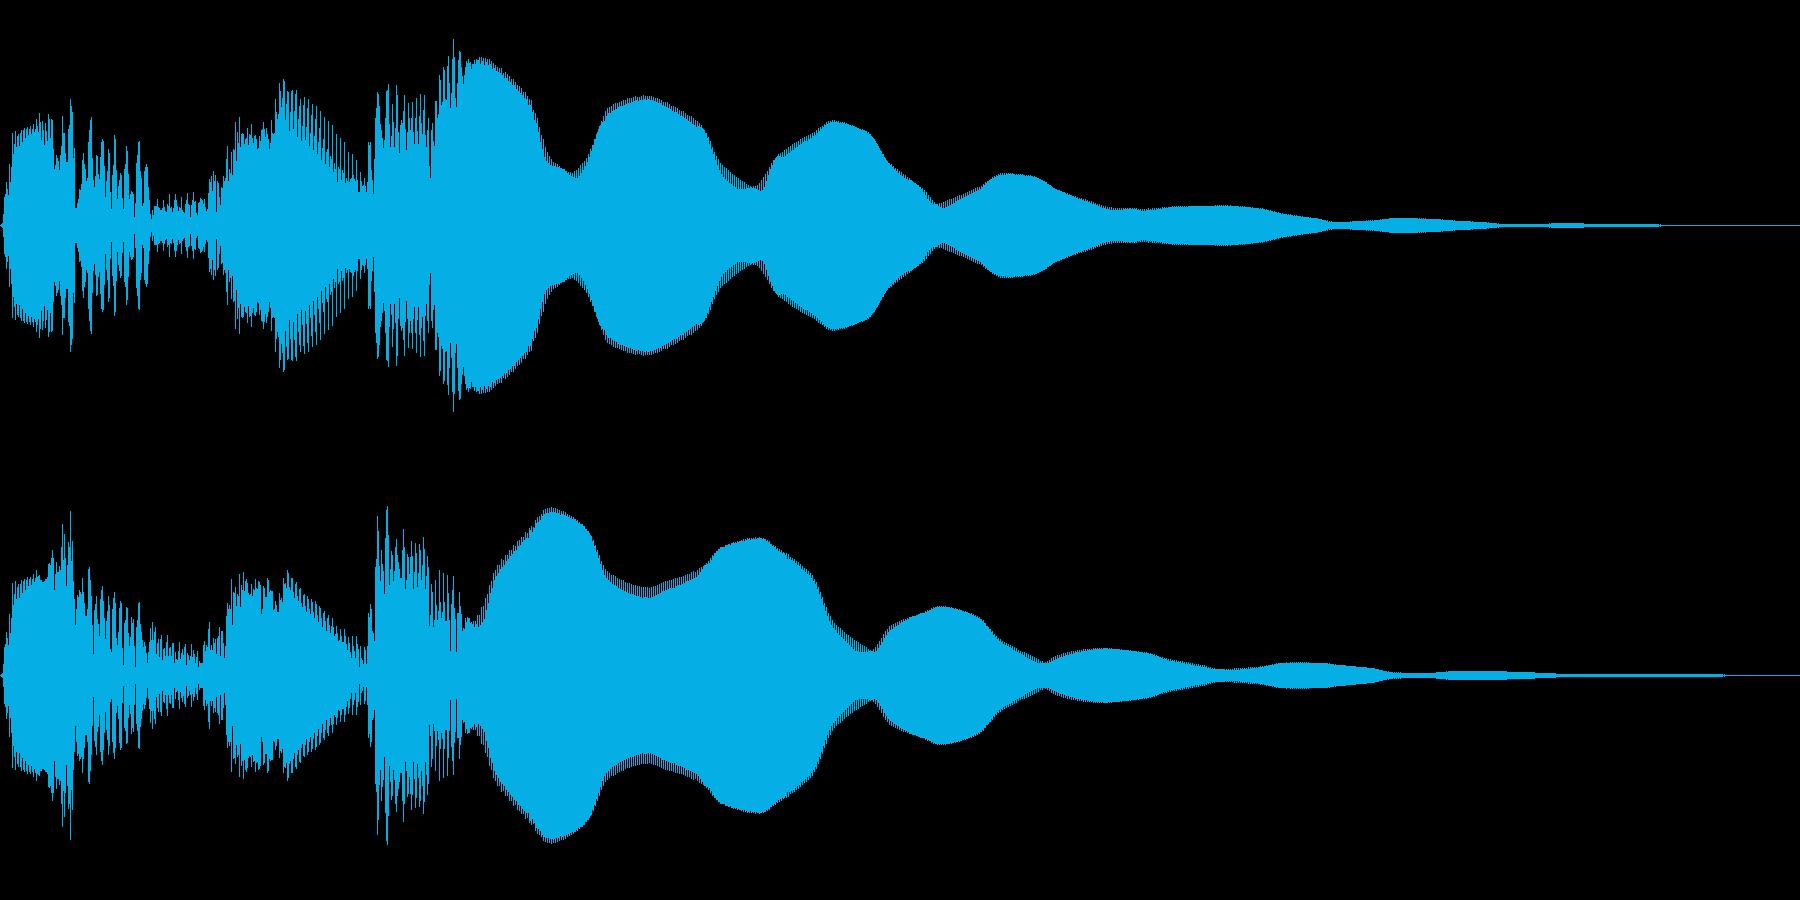 ボタン押下や決定音。キュルピーン!の再生済みの波形